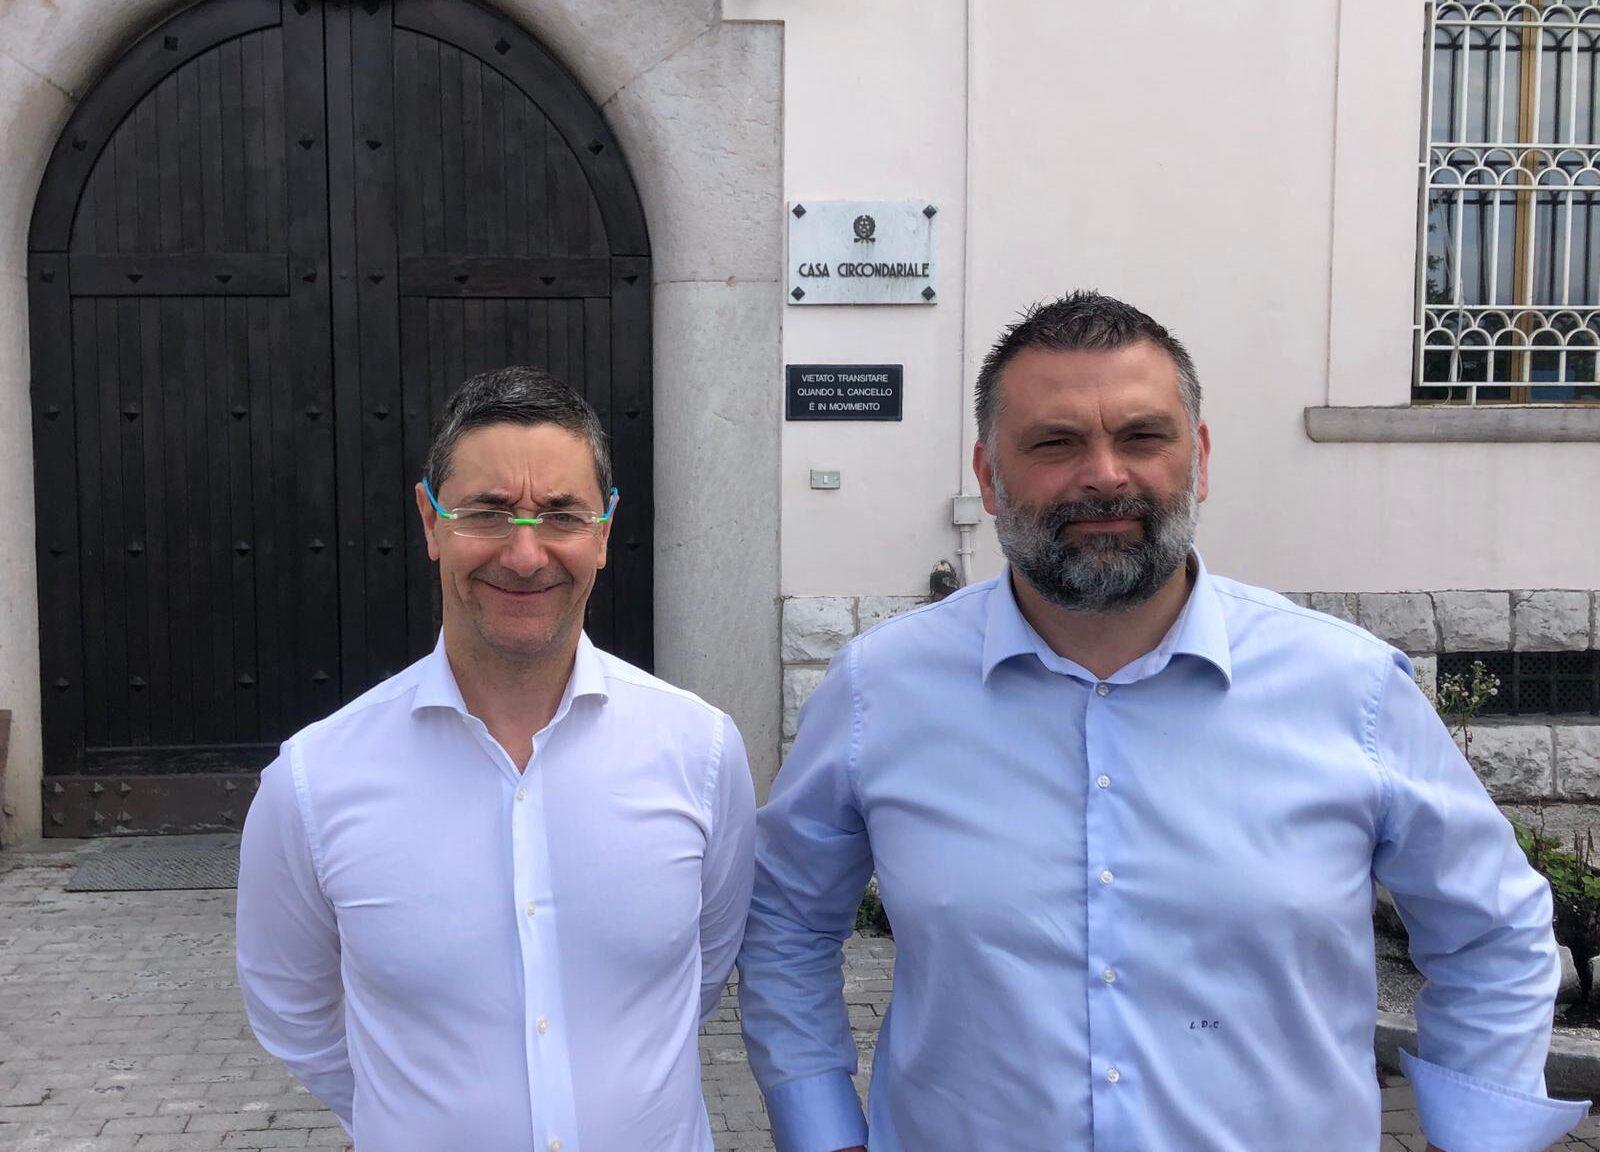 il deputato e coordinatore veneto di Fratelli d'Italia, Luca De Carlo, e il consigliere comunale Raffaele Addamiano, visitano al carcere di Baldenich, a Belluno.